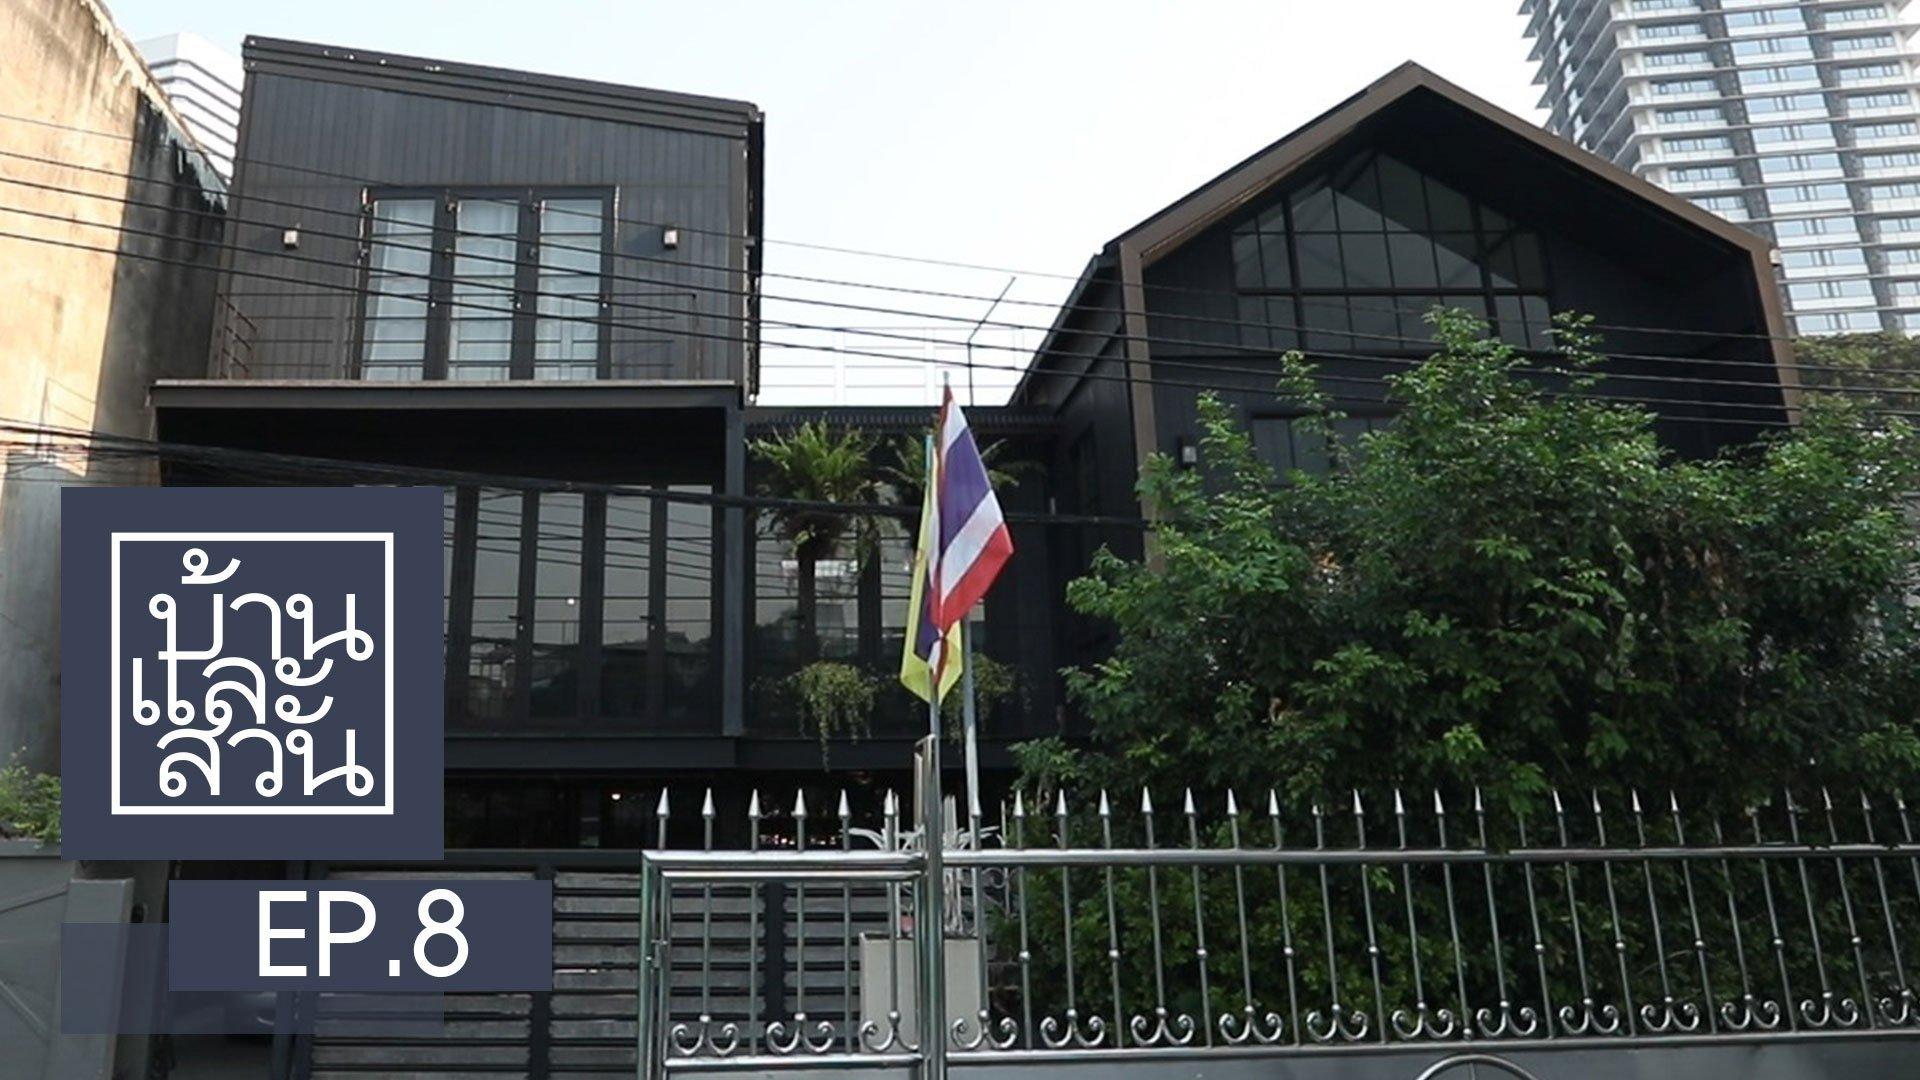 บ้านและสวน   EP.8   29 มี.ค. 63   AMARIN TVHD34